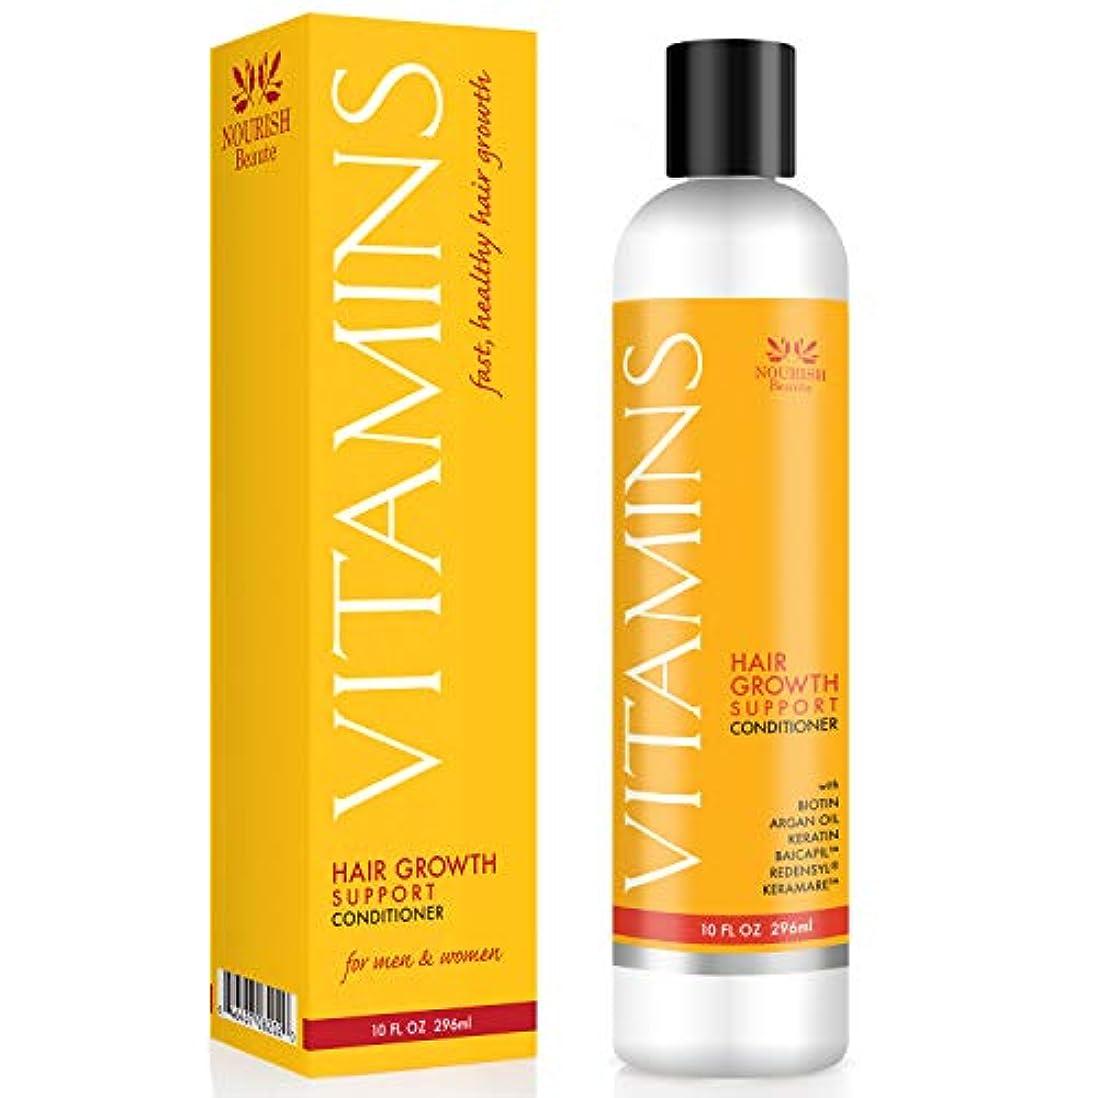 優勢書道友情Vitamins - オーガニック 脱毛トリートメント コンディショナー Organic Hair Loss Treatment and Conditioner, 10 Ounce (296ml)